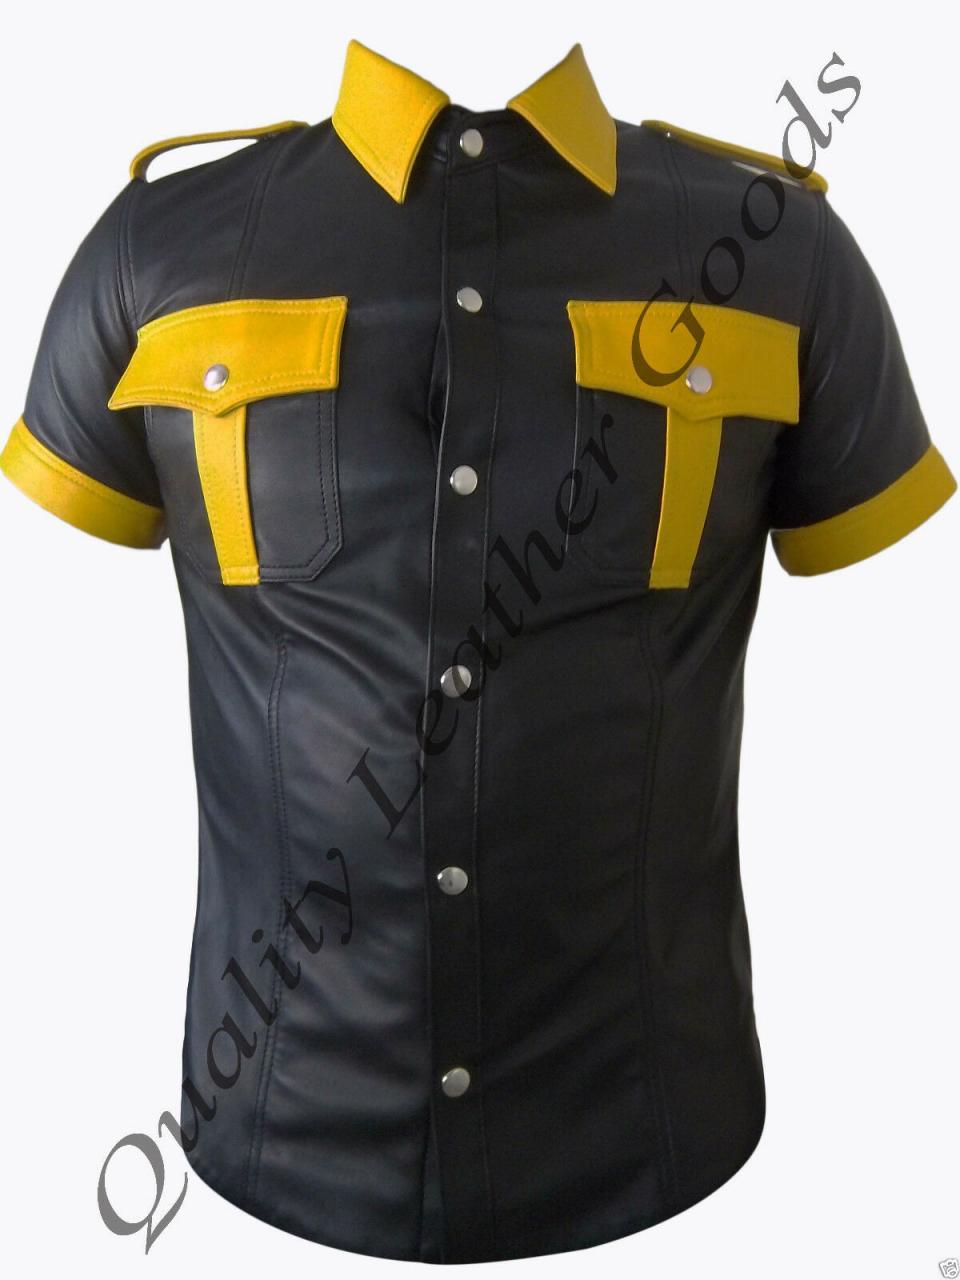 In Vera Pelle Nero e Giallo da Uomo Police Uniforme Militare Camicia Con Patch